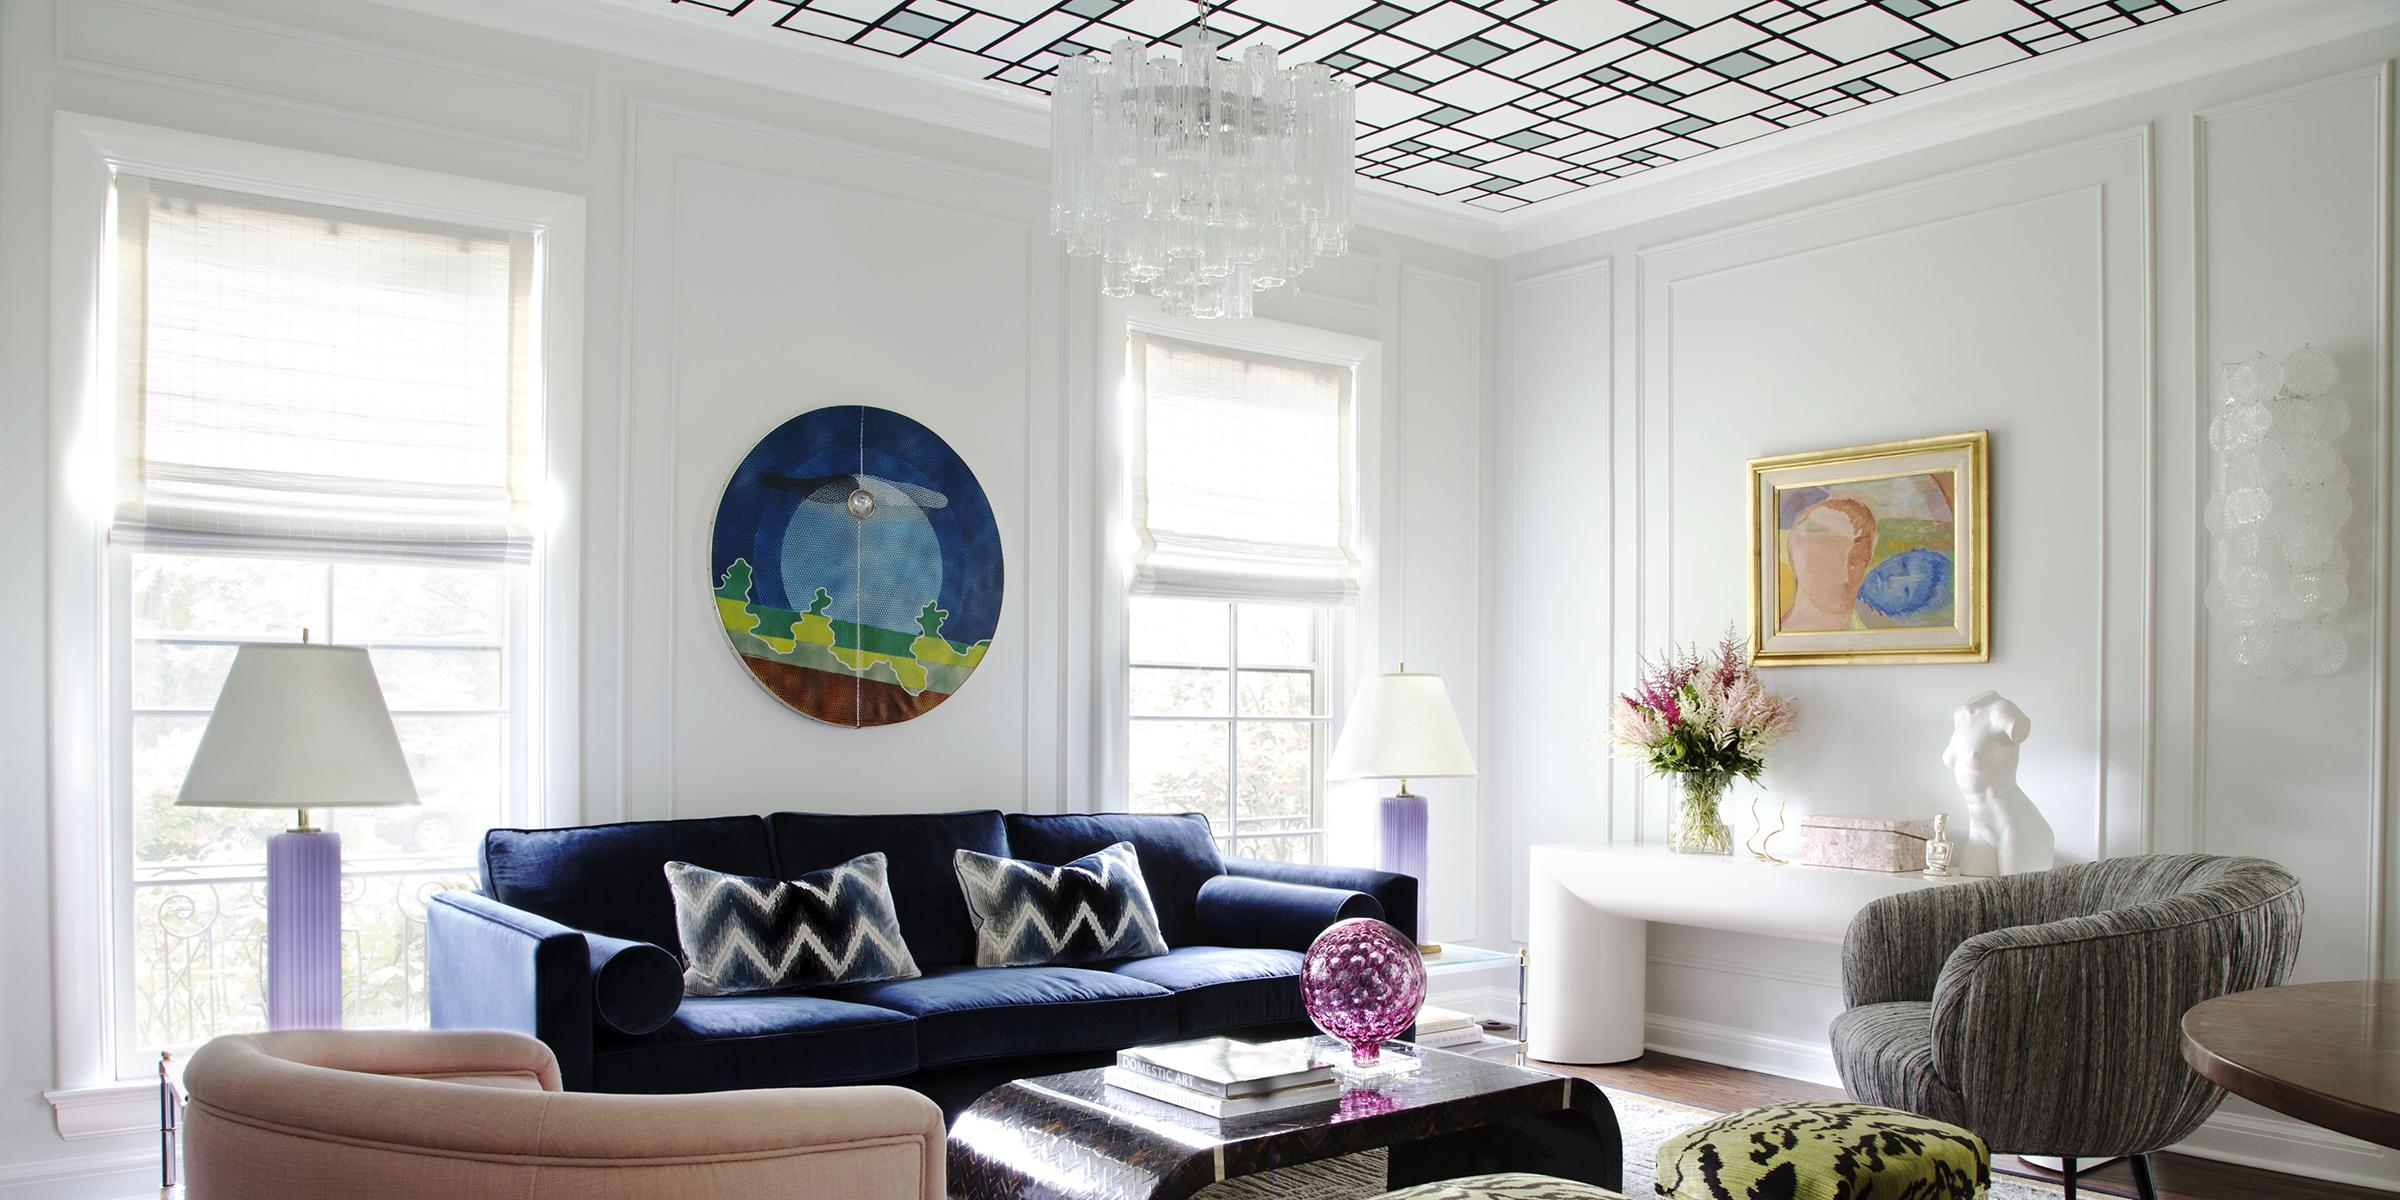 home ceiling interior design photos images